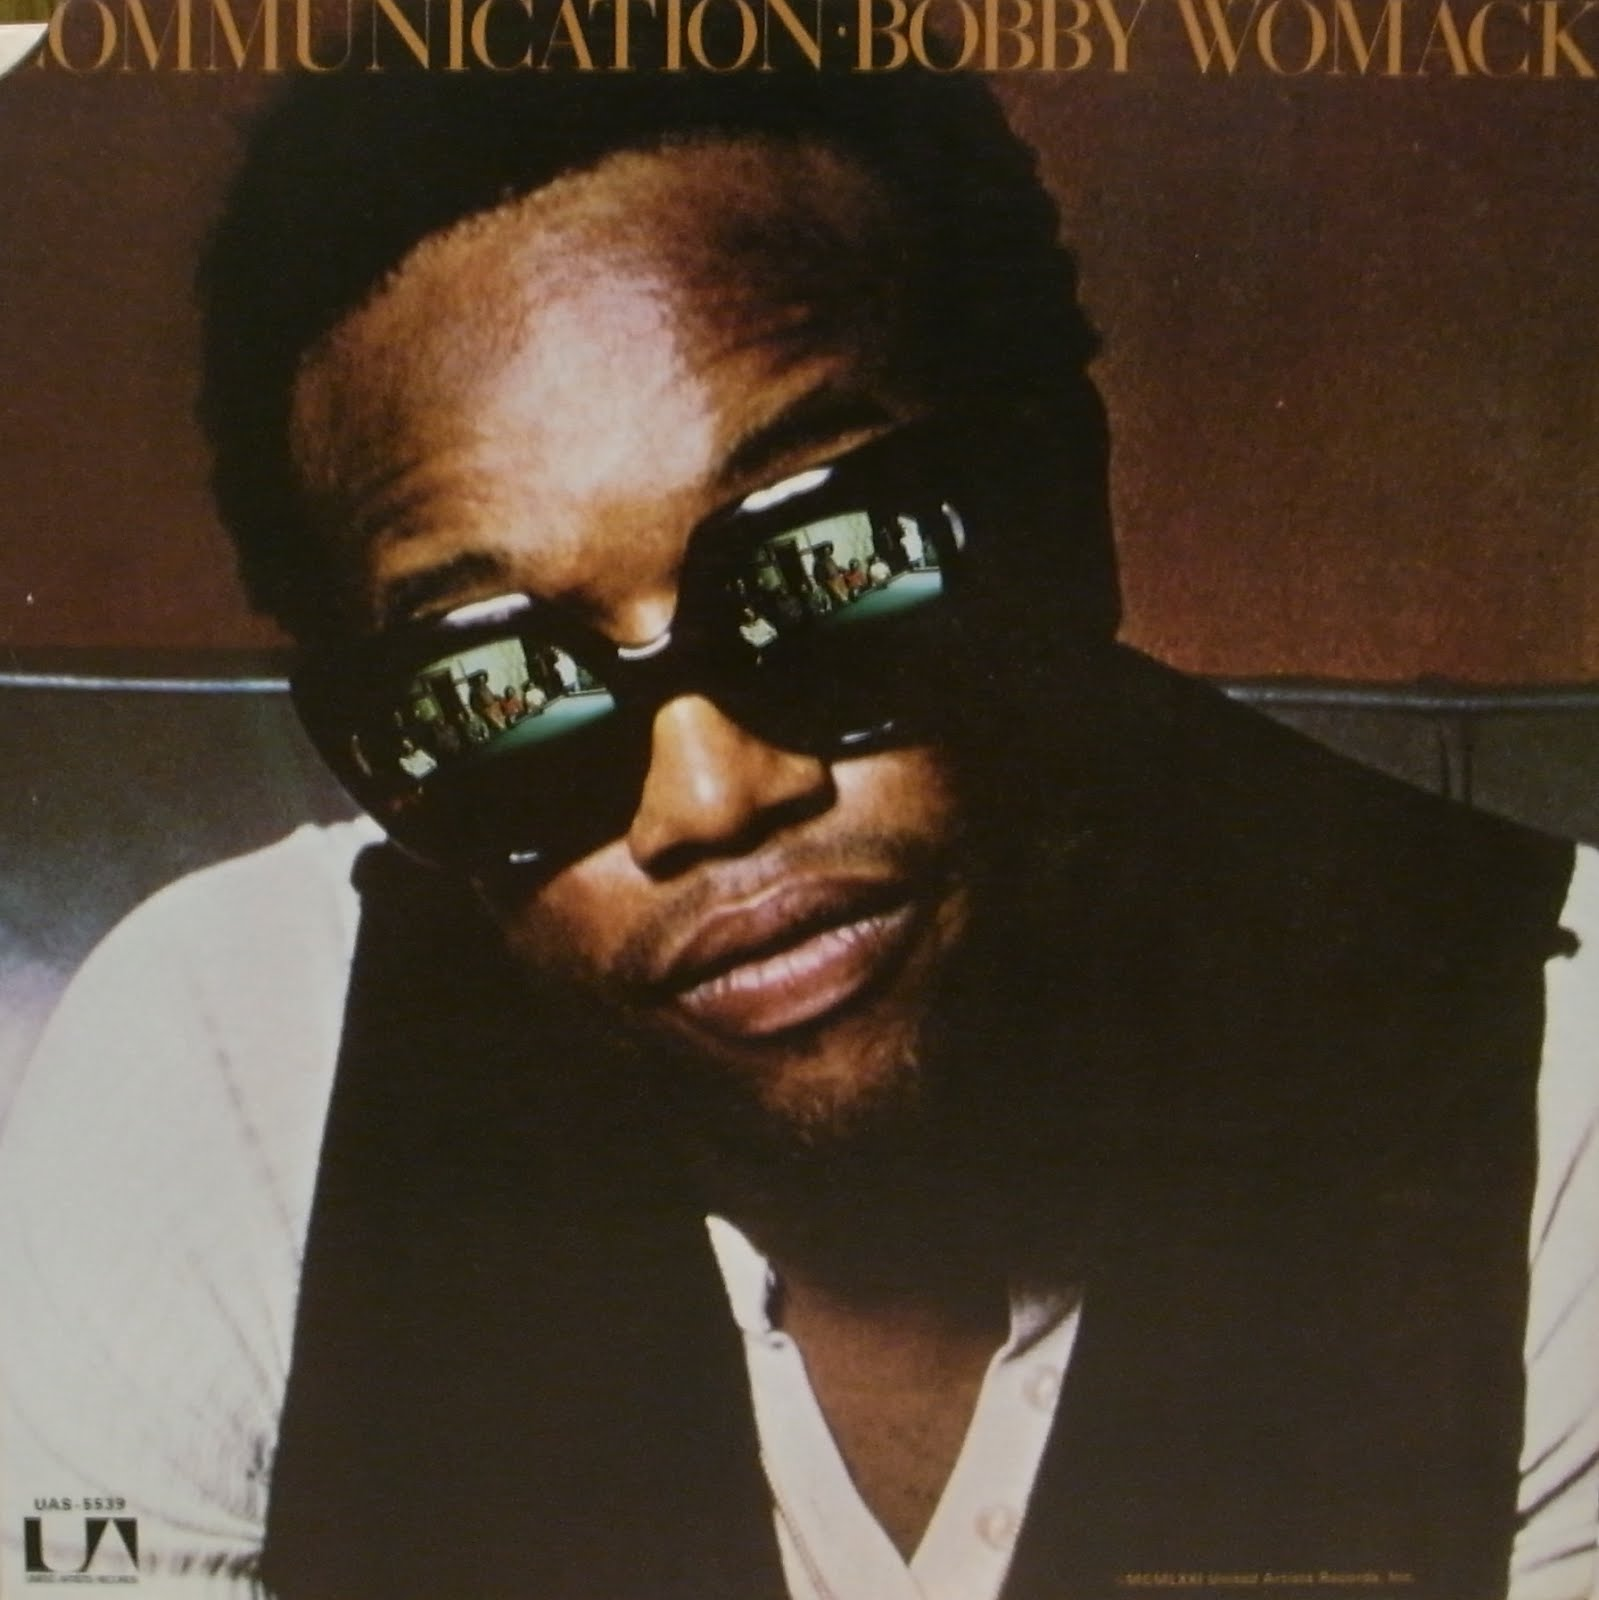 BOBBY WOMACK-COMMUNICATION.JPG